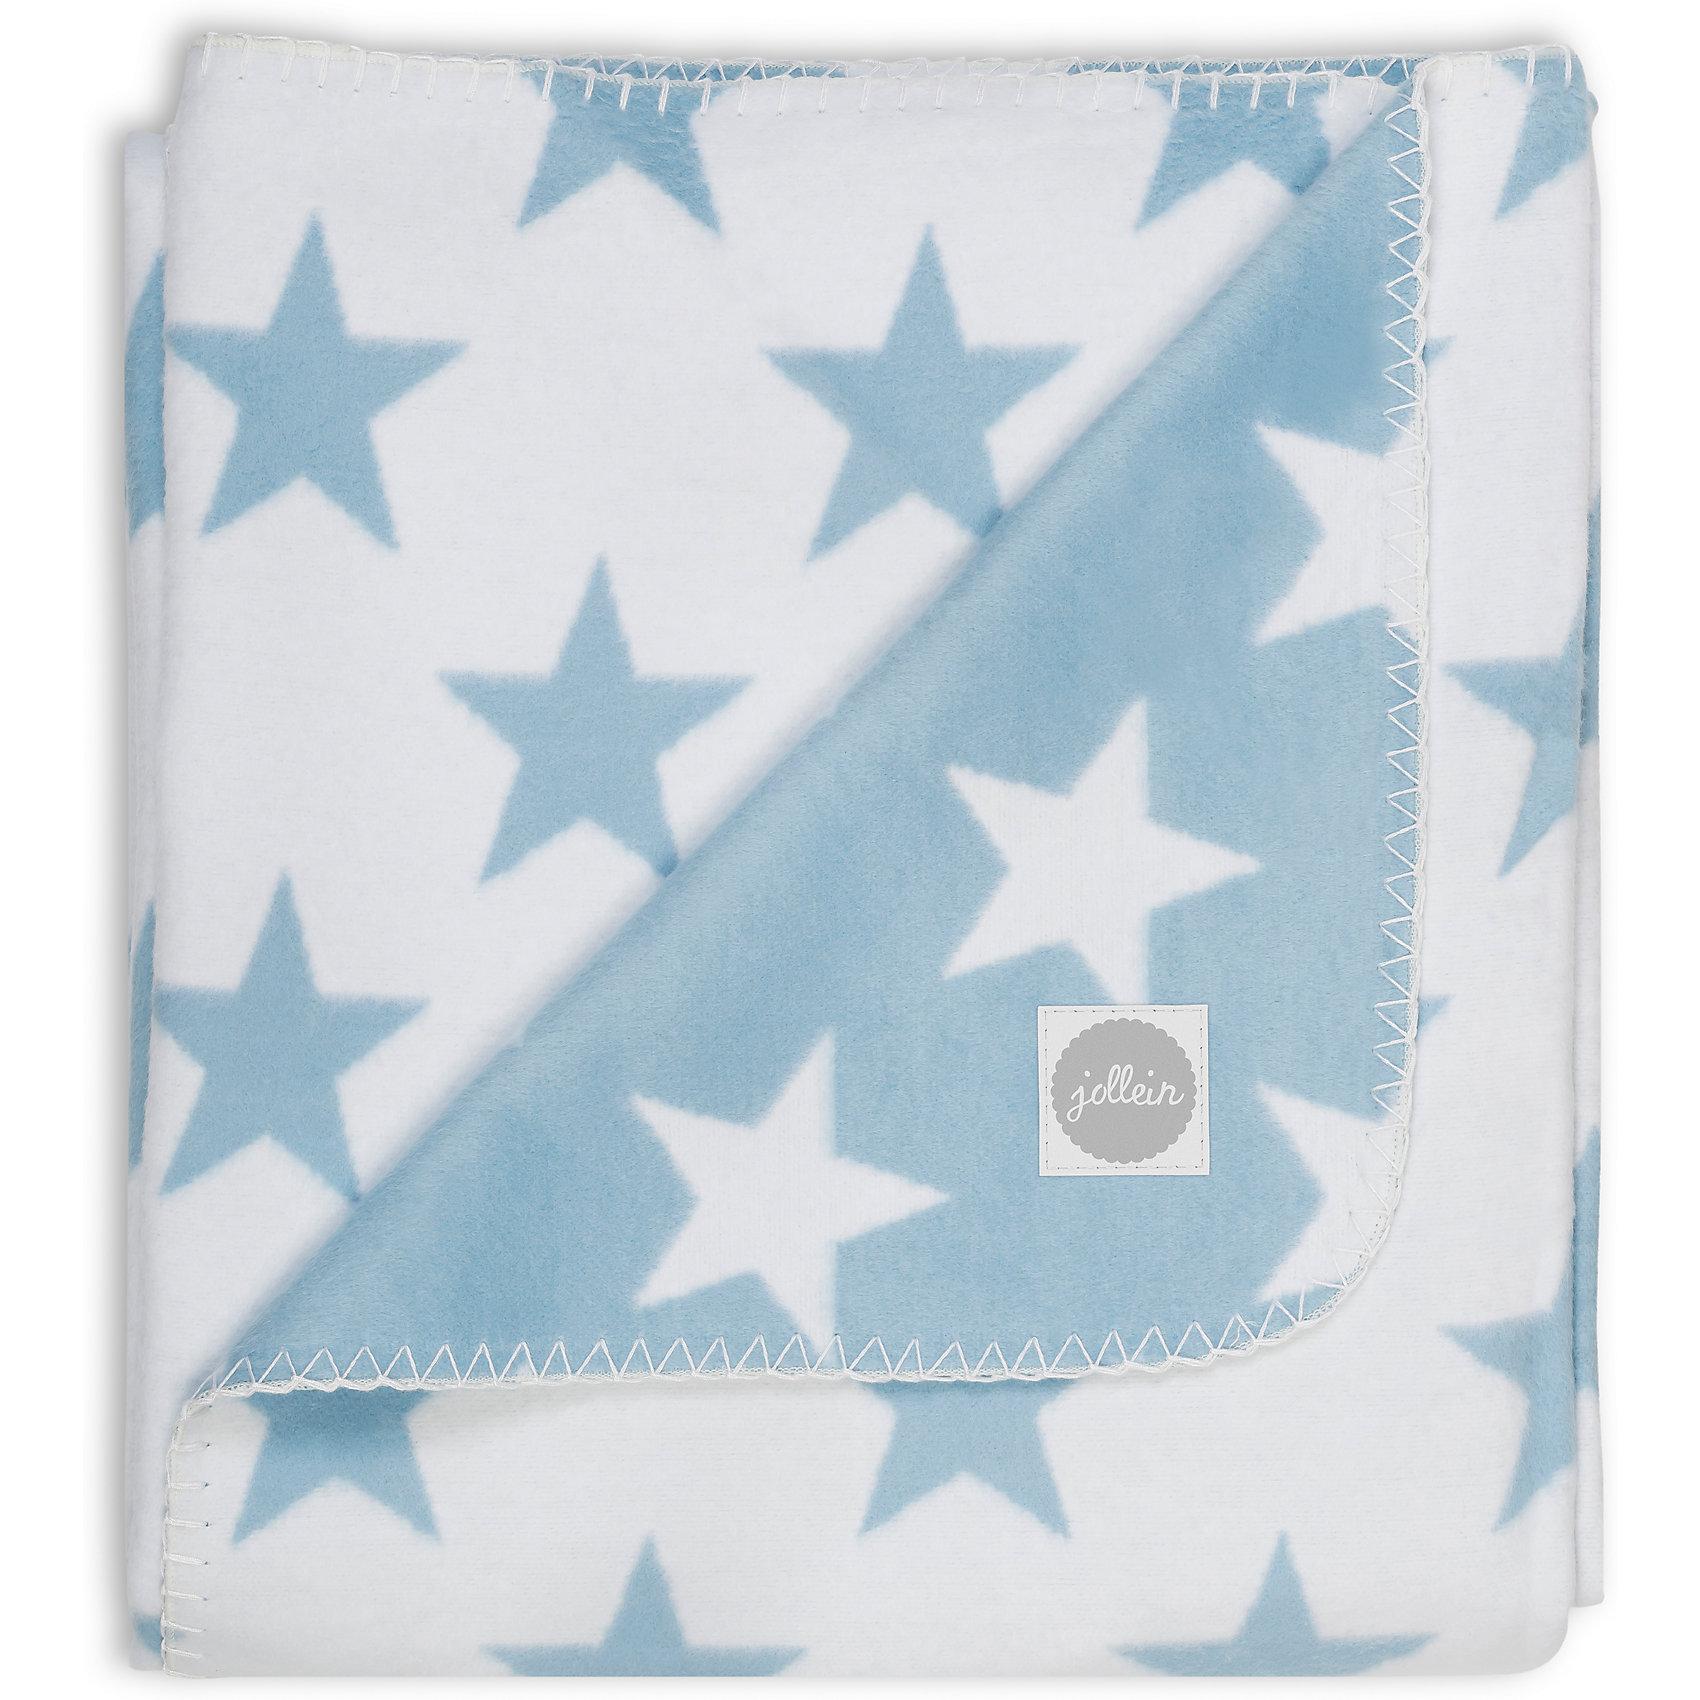 Байковый плед 100х150 см, Jollein, Light blue StarJollein предлагает большой выбор цветов мягких пледов для малышей. Легкие, но при этом очень теплые пледы можно сочетать с чем угодно: с детской комнатой, с одеждой, с коляской. Пледы с модными рисунками дополнят модный гардероб малыша. Плед со звездами двухсторонний. С одной стороны он белый с голубыми звездами, с другой стороны голубой с белыми звездами. Красиво упакован. Лучший выбор на выписку или подарок на рождение. Выполнены из 100 % хлопка. Размер: 100х150 см Уход: рекомендуется стирка при 40 градусах, не линяет, сохраняет такой же яркий, насыщенный цвет.<br><br>Ширина мм: 380<br>Глубина мм: 345<br>Высота мм: 30<br>Вес г: 745<br>Возраст от месяцев: 0<br>Возраст до месяцев: 36<br>Пол: Унисекс<br>Возраст: Детский<br>SKU: 5367136